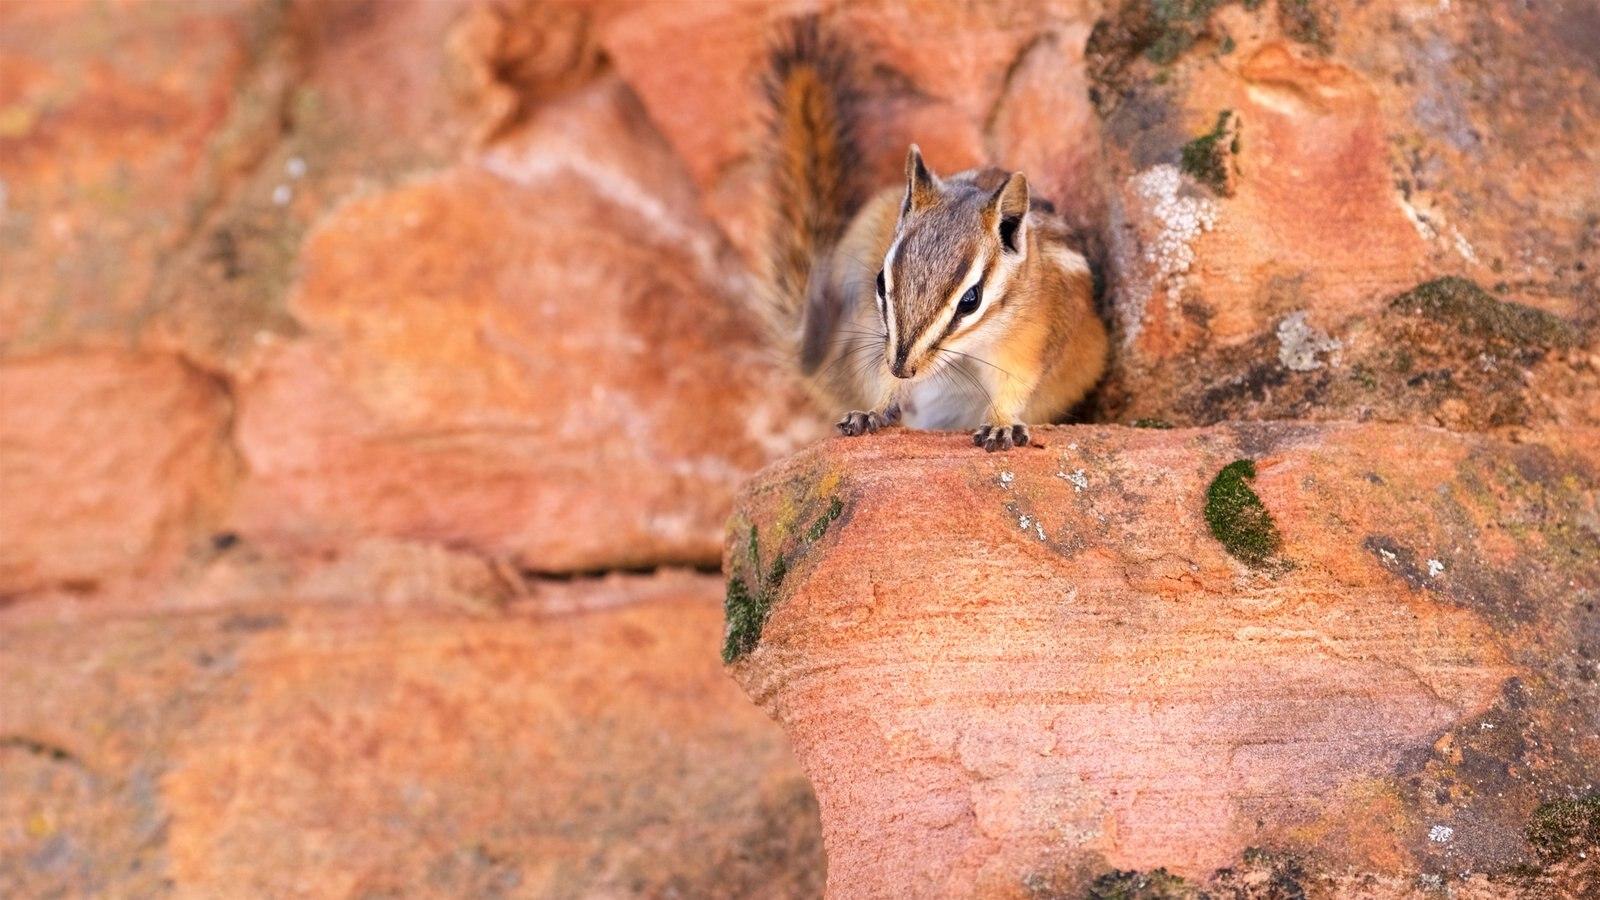 Parque Nacional Zion mostrando escenas tranquilas y animales tiernos